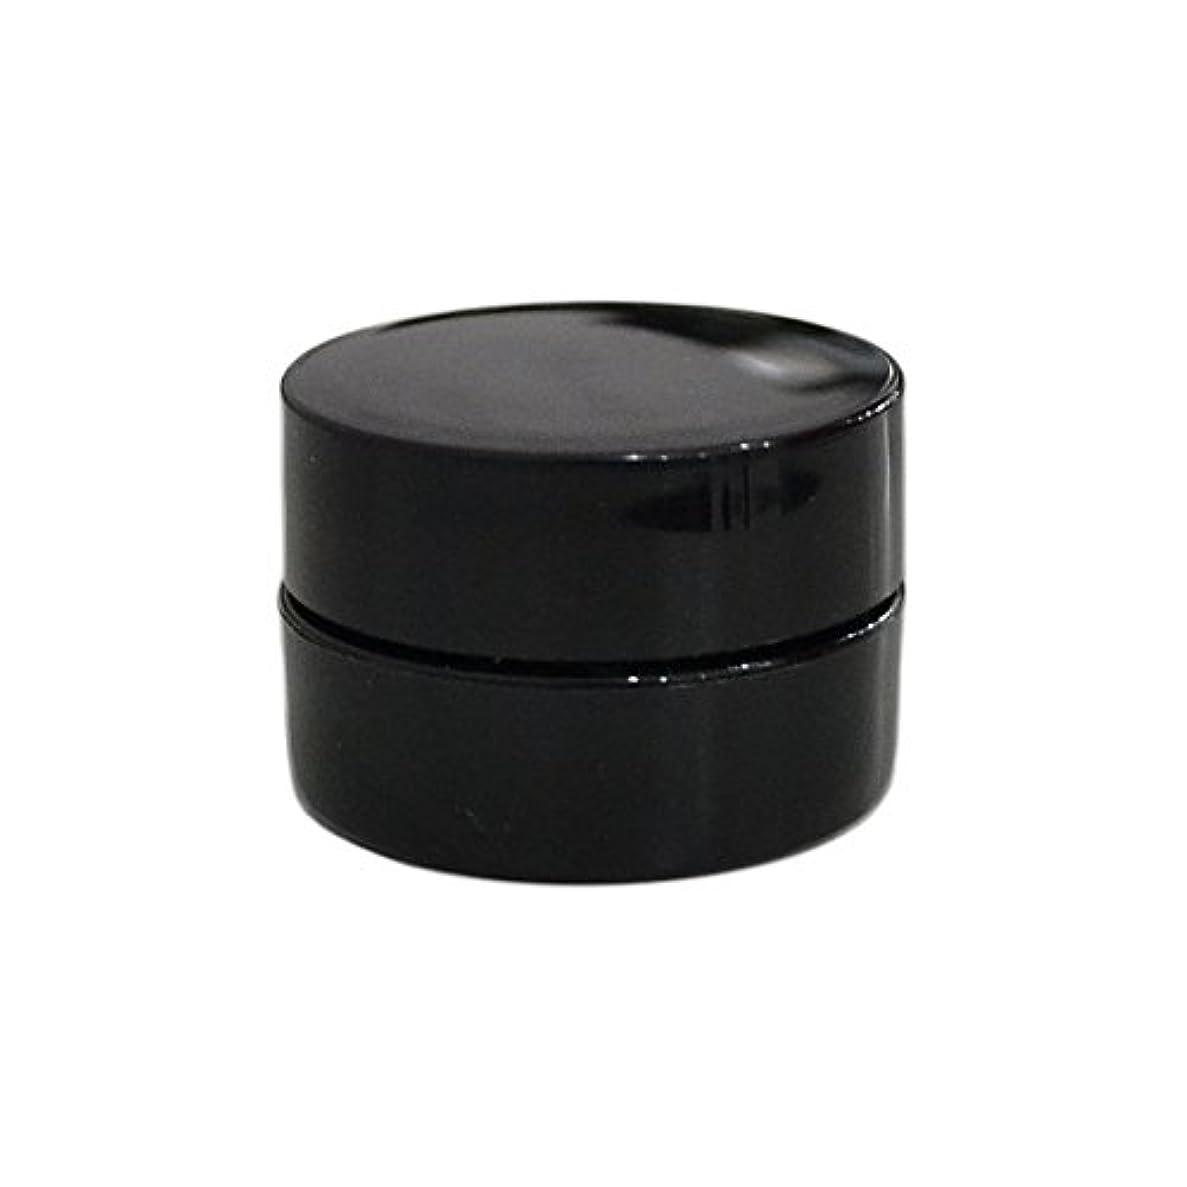 略語懐違法10個セット/純国産ネイルジェルコンテナ 3g用 GA3g 漏れ防止パッキン&ブラシプレート付容器 ジェルを無駄なく使える底面傾斜あり 遮光 黒 ブラック